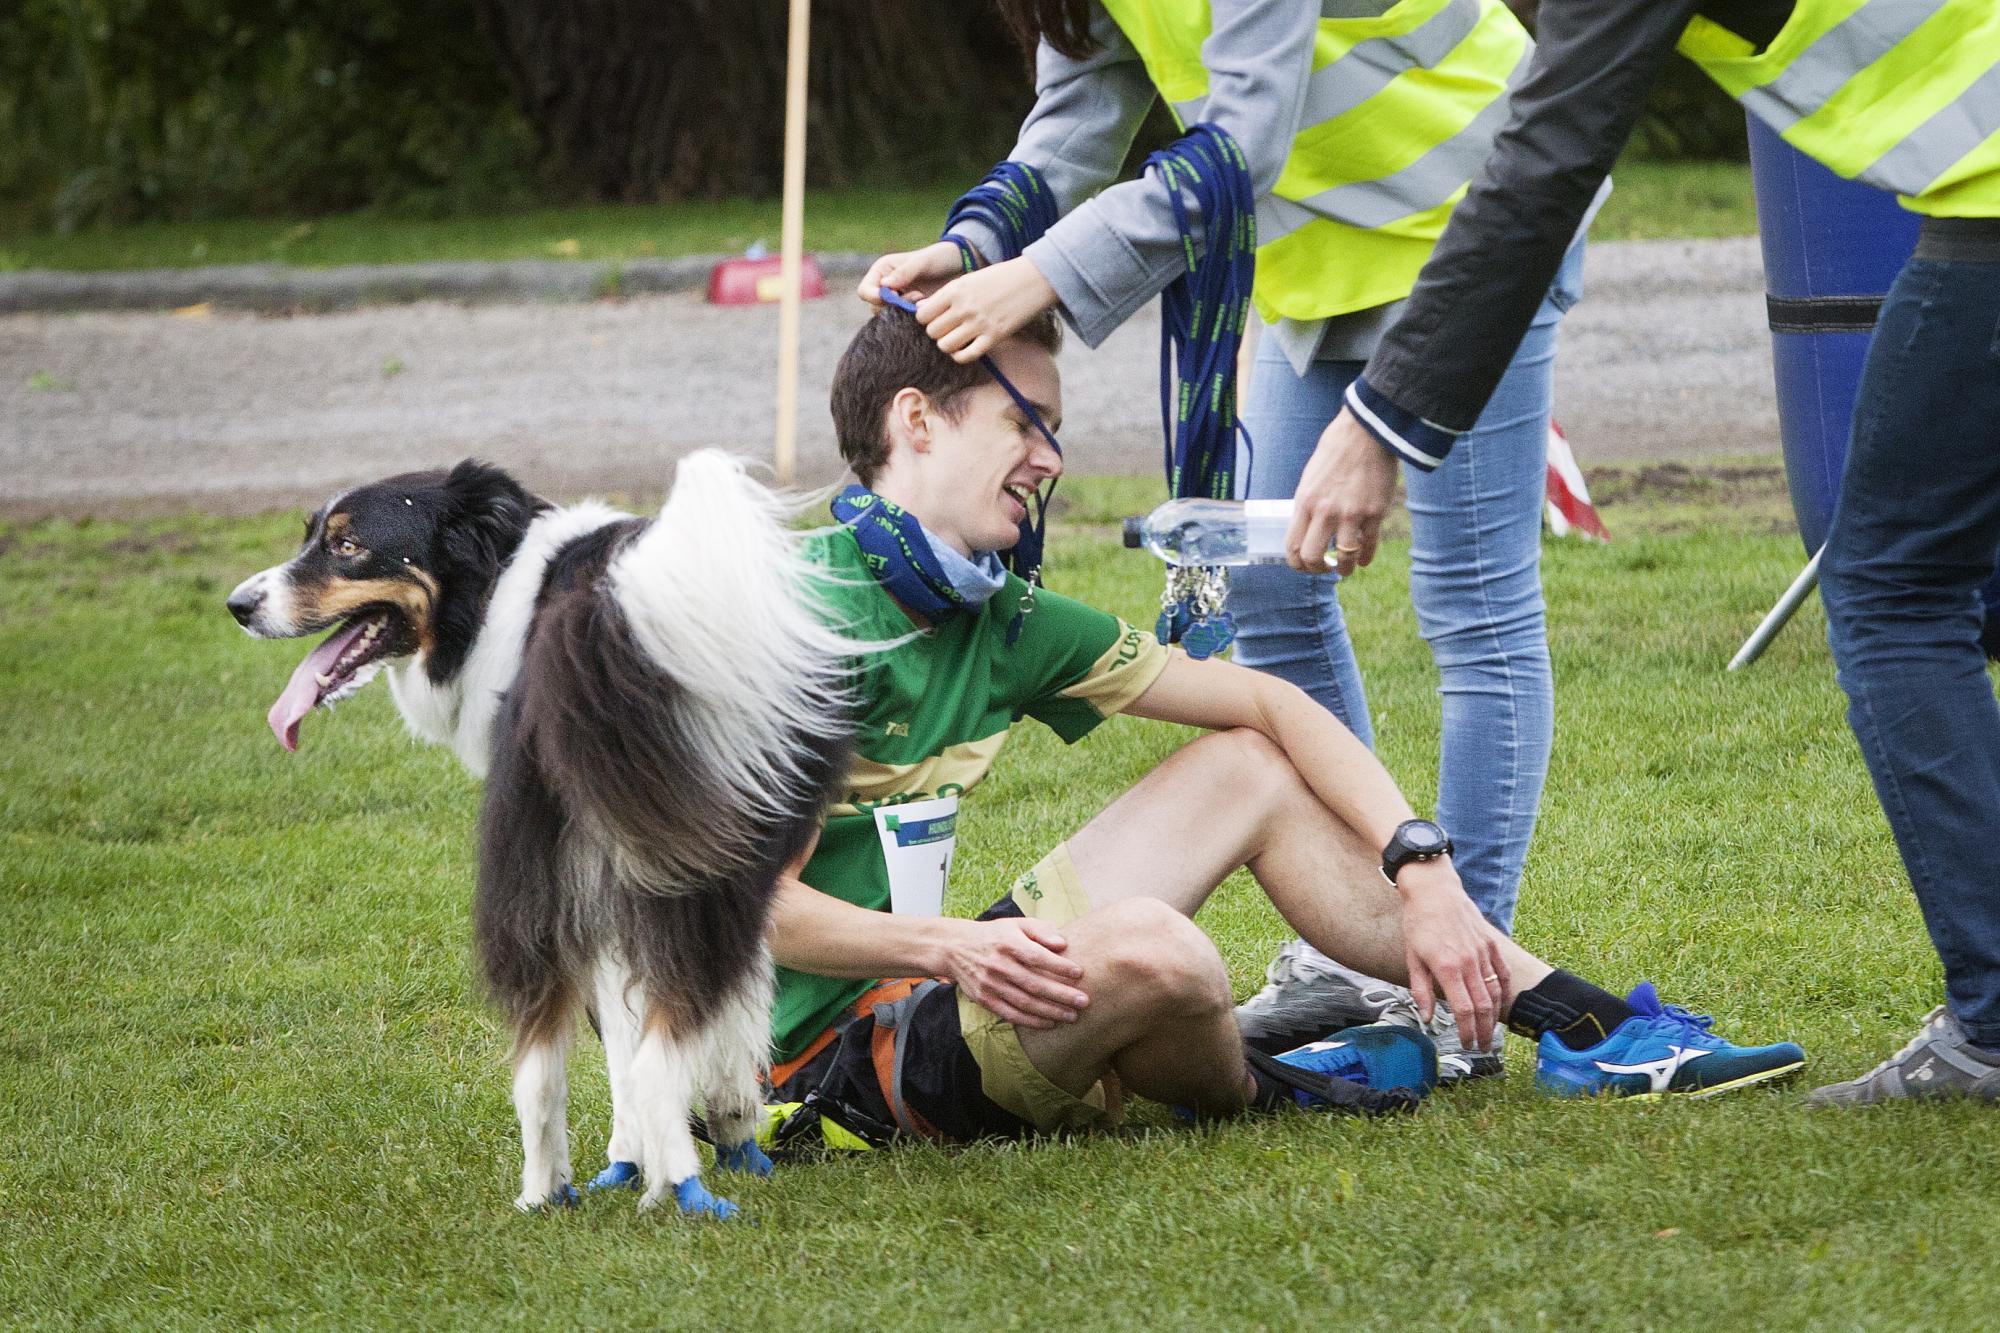 HE bevakade hundlöpet och förevigade när<span>Mattias Jonsson och Border Collien Elton gratulerades till vinsten av 10 km.</span>